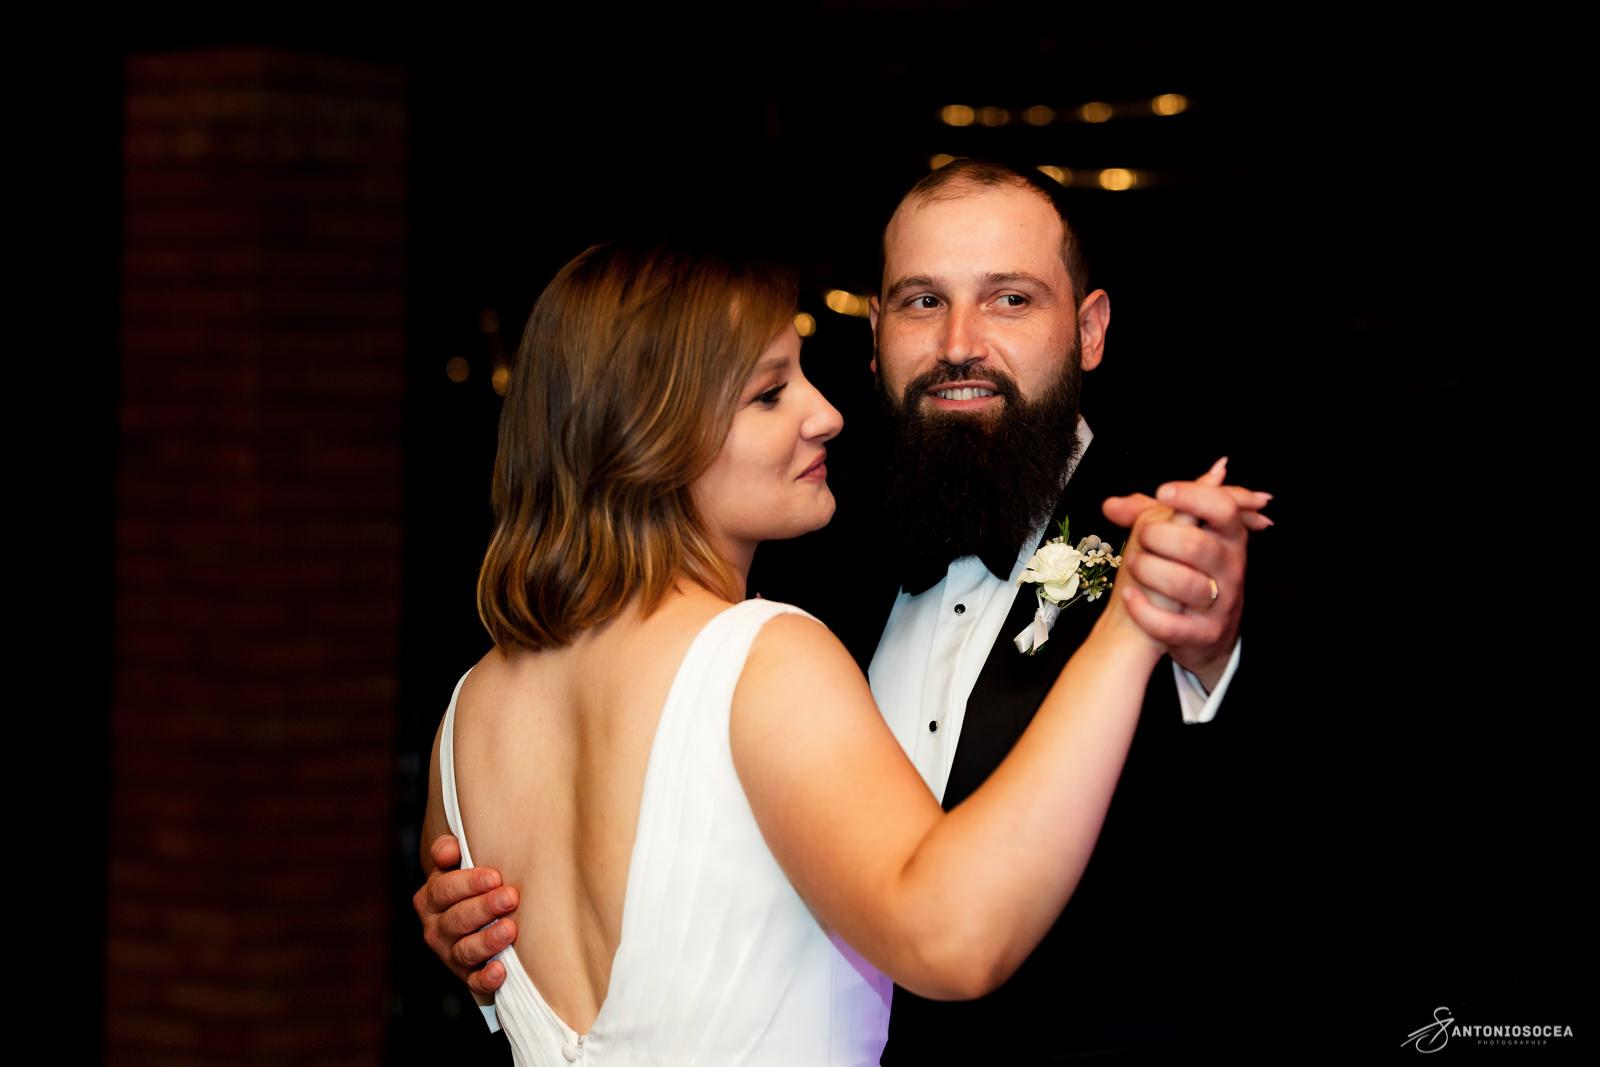 Fotografie nunta premium Bucuresti -Fotograf Profesionist de nunta Bucuresti- Antonio Socea - Wedding photographer - Nunta Hanul Rusitc